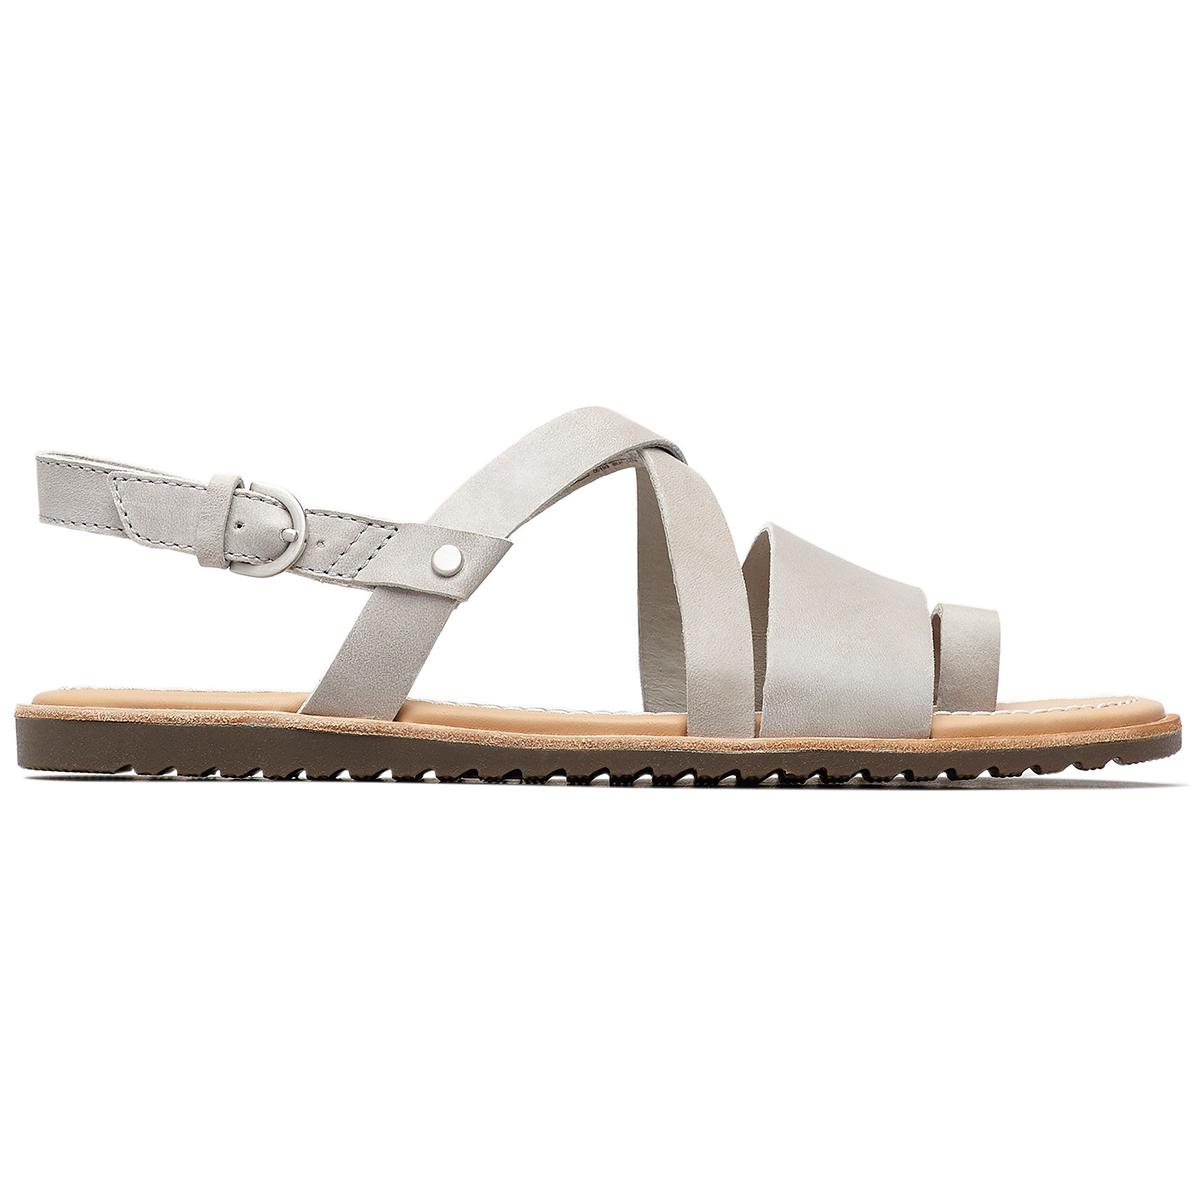 Sorel Women's Ella Criss Cross Sandals - Black, 8